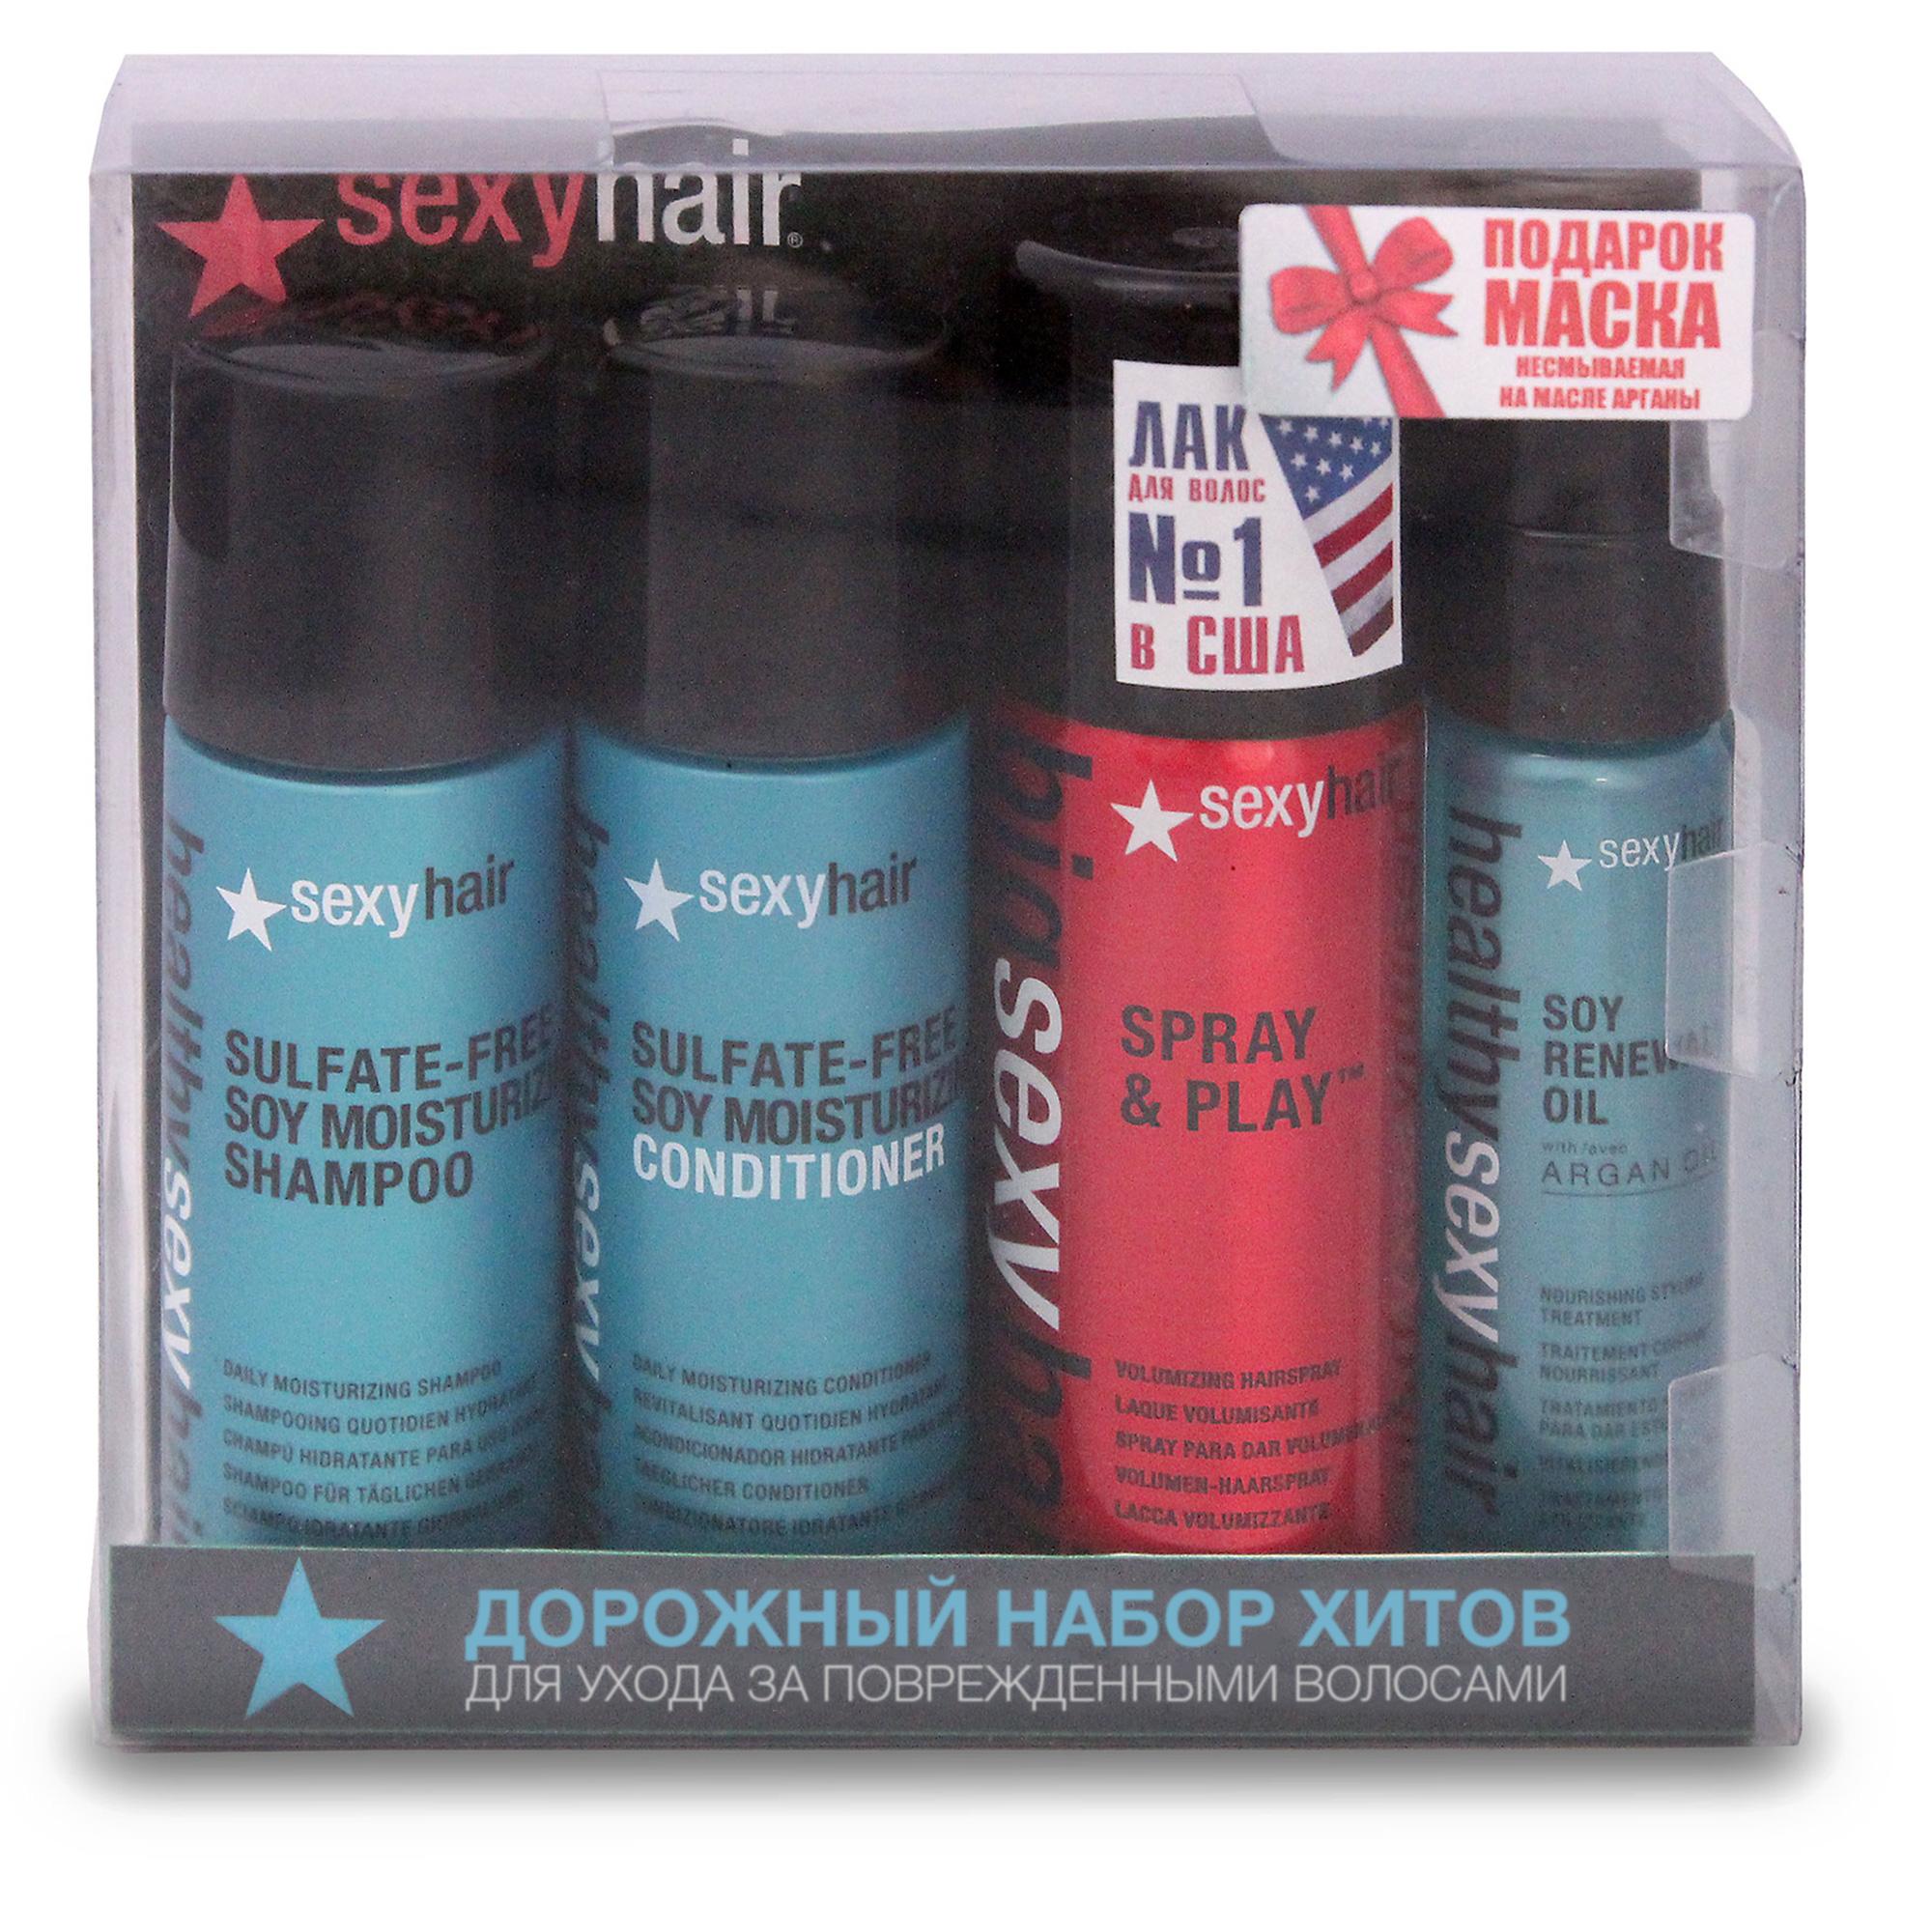 SEXY HAIR Набор дорожный №2 : шампунь, кондиционер, спрей, маска / Sexy Hair 50 мл+50 мл+50 мл+25 мл  недорого